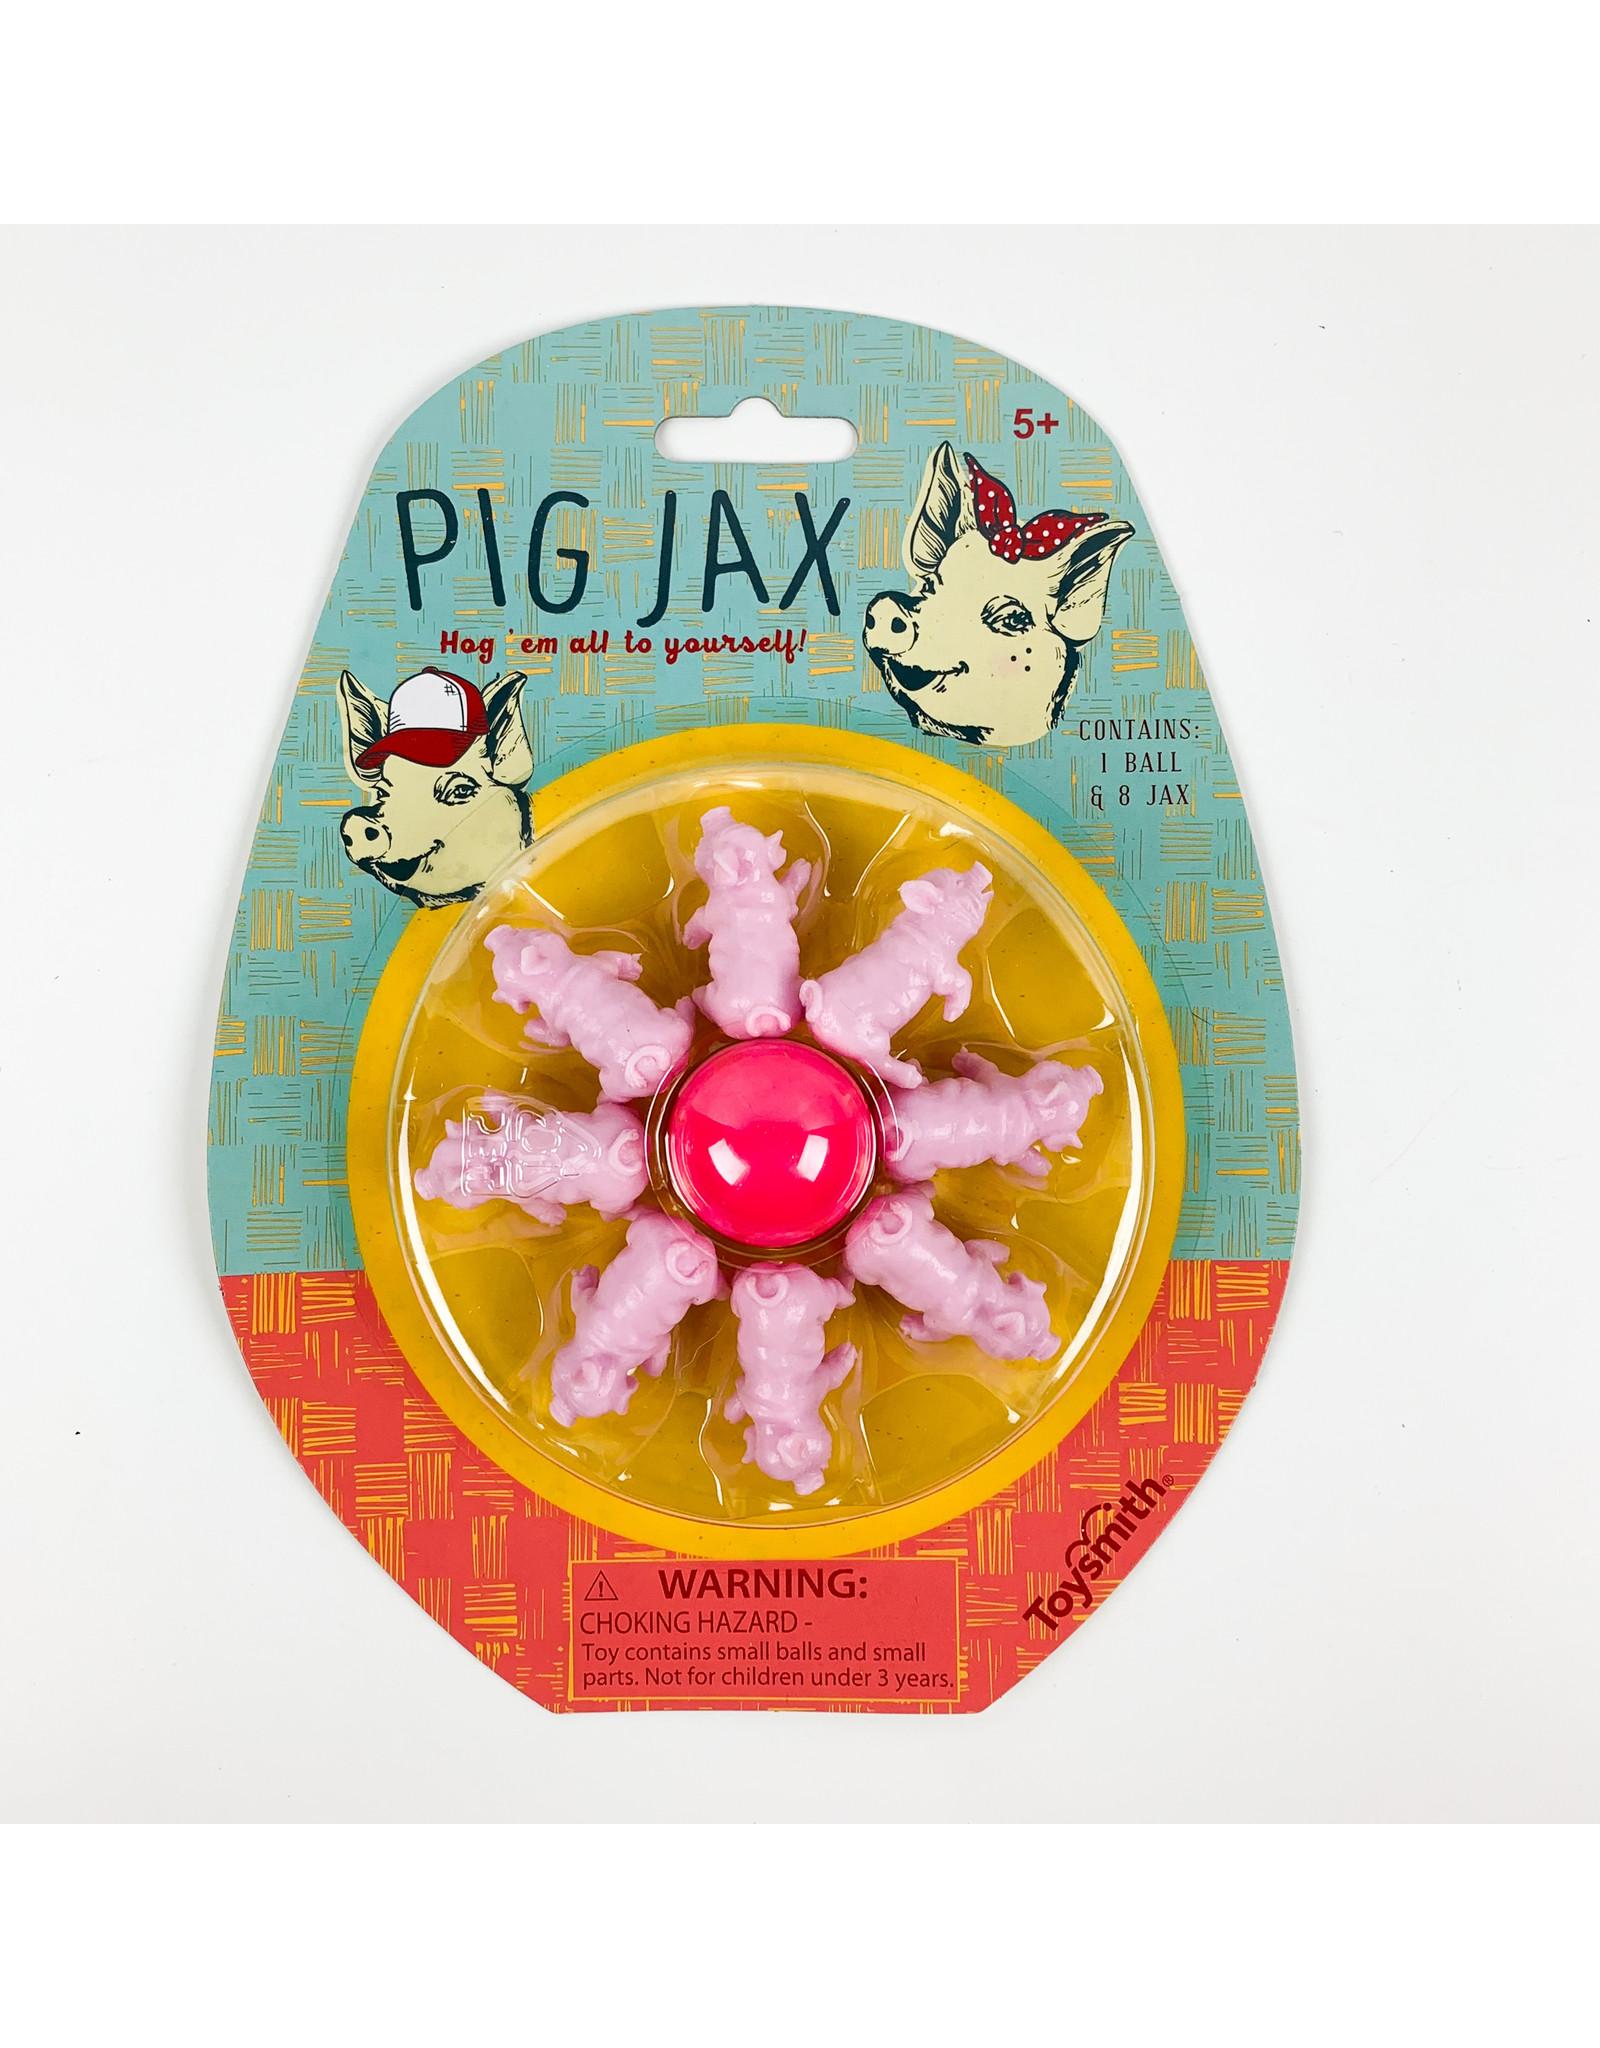 Pigs & Jax